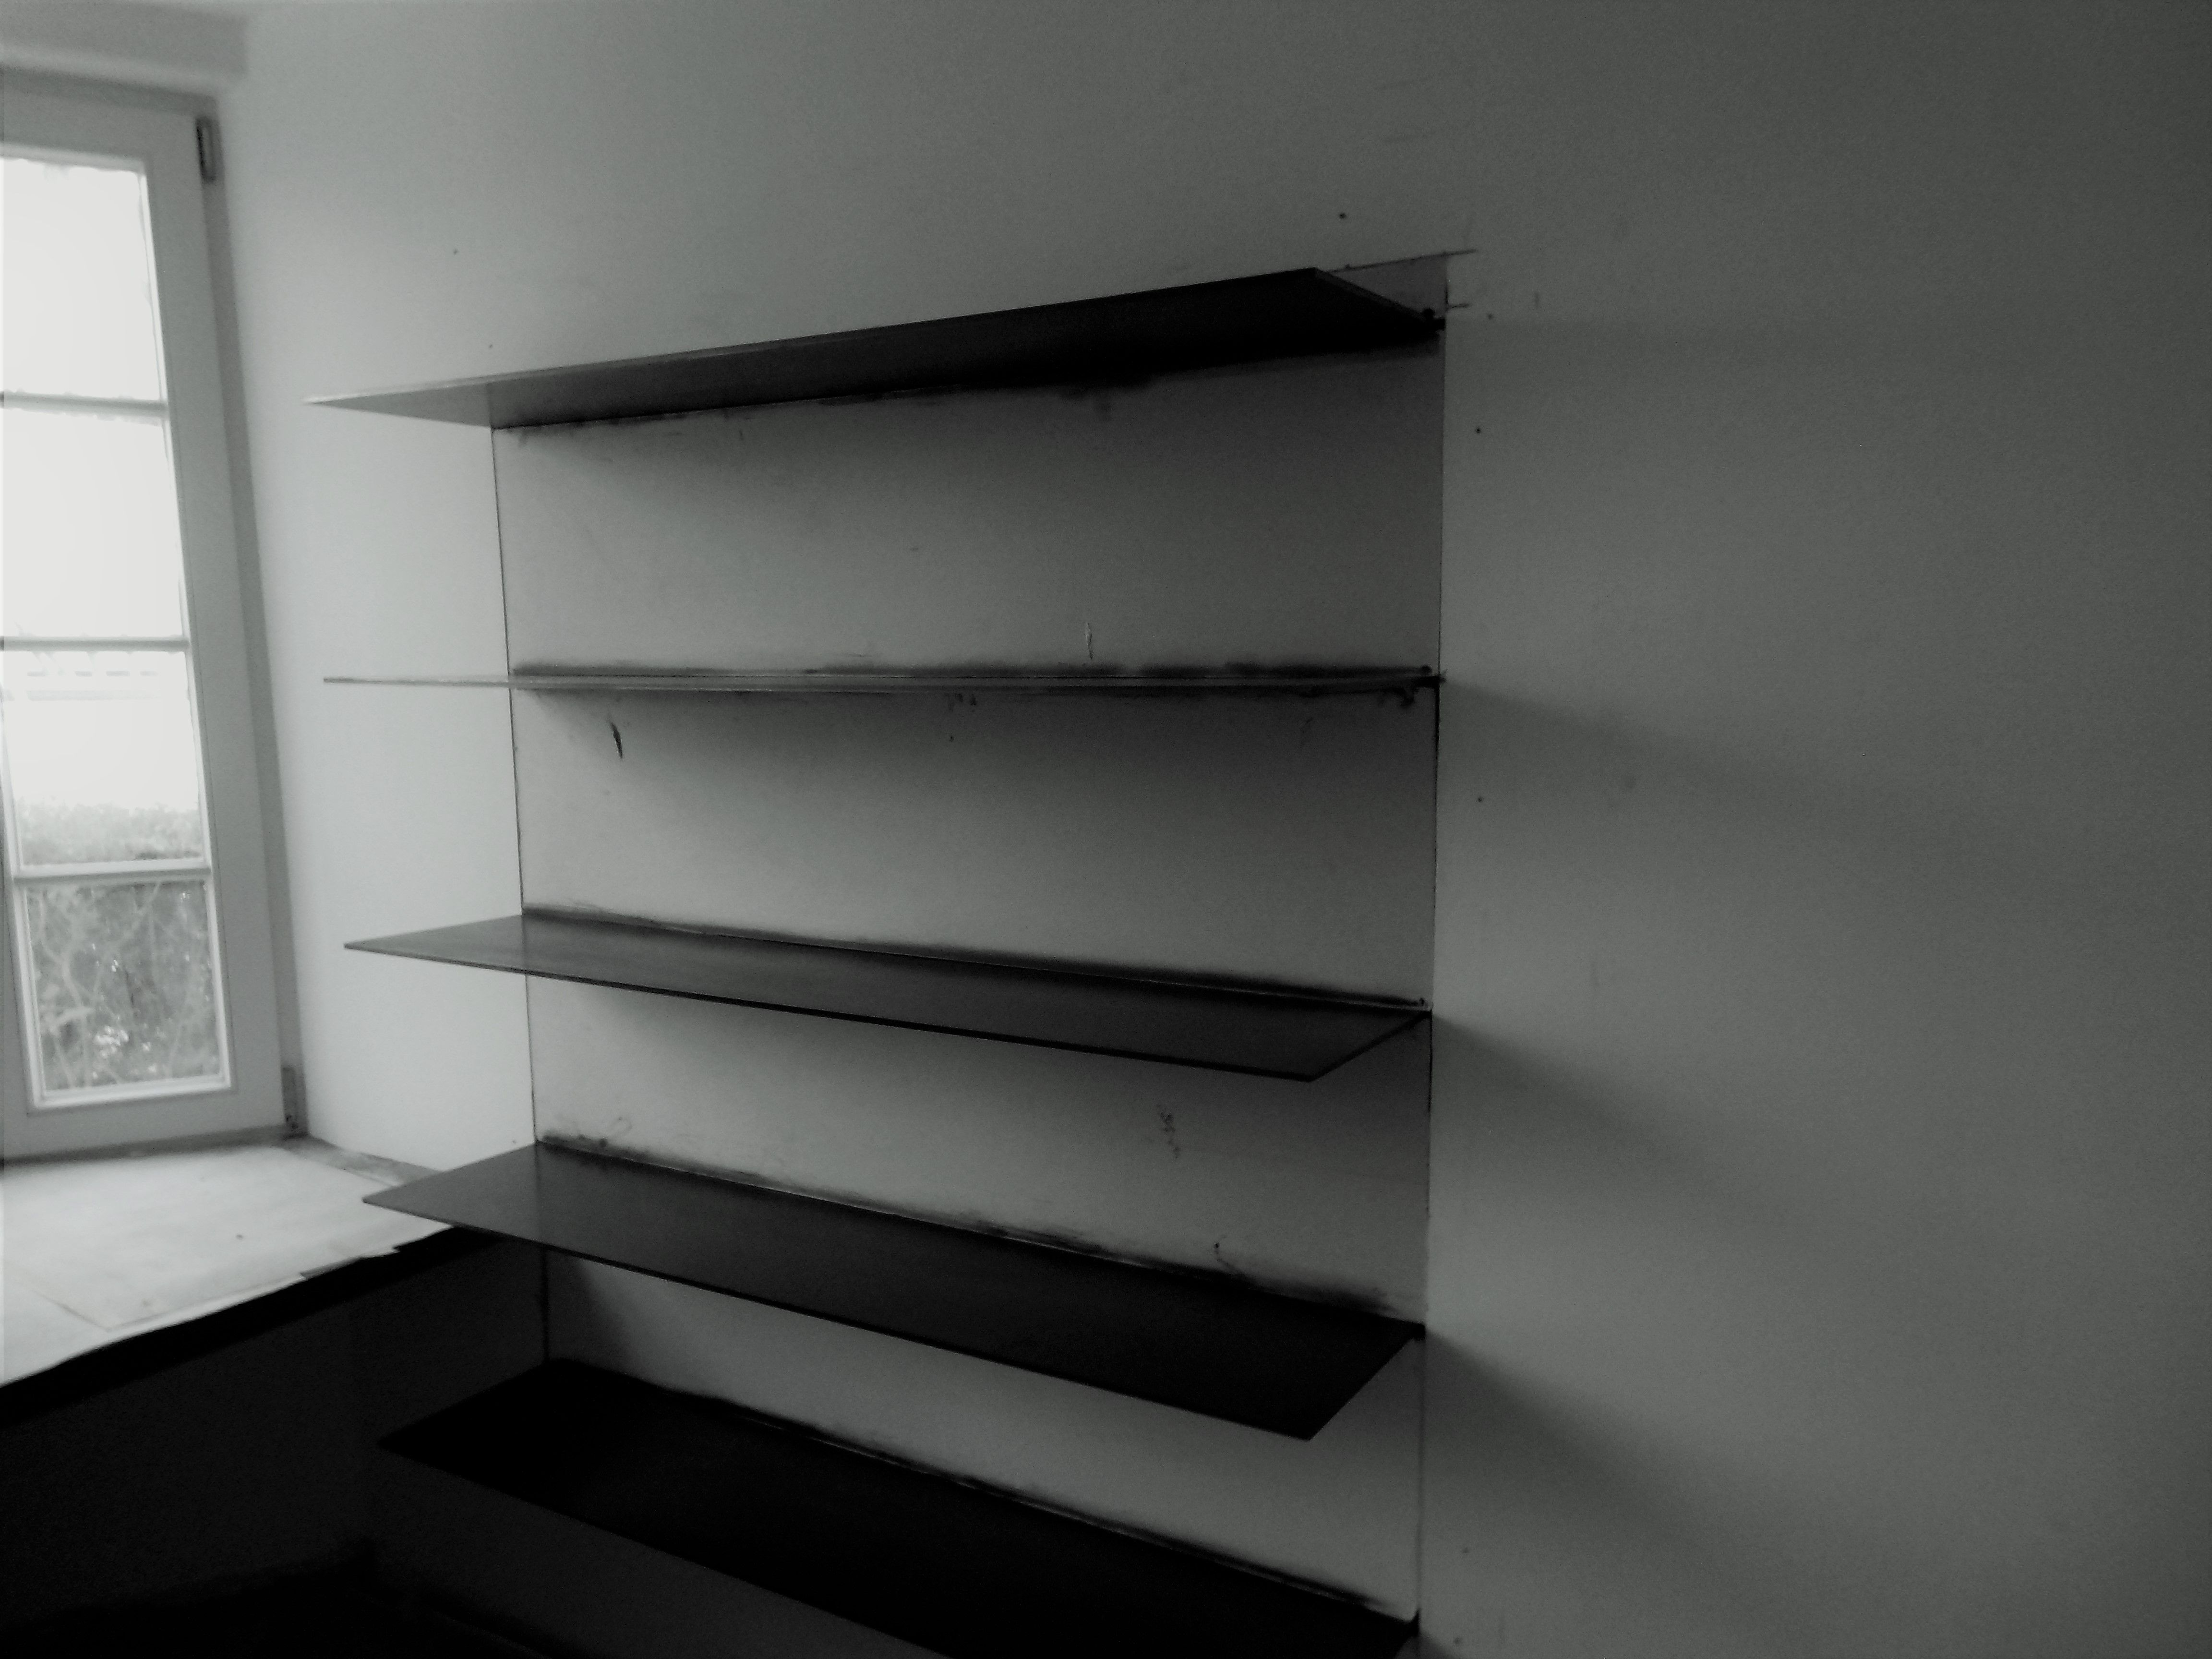 Legplanken Aan Muur.Metalen Legplanken Onzichtbare Bevestiging Aan De Muur Special